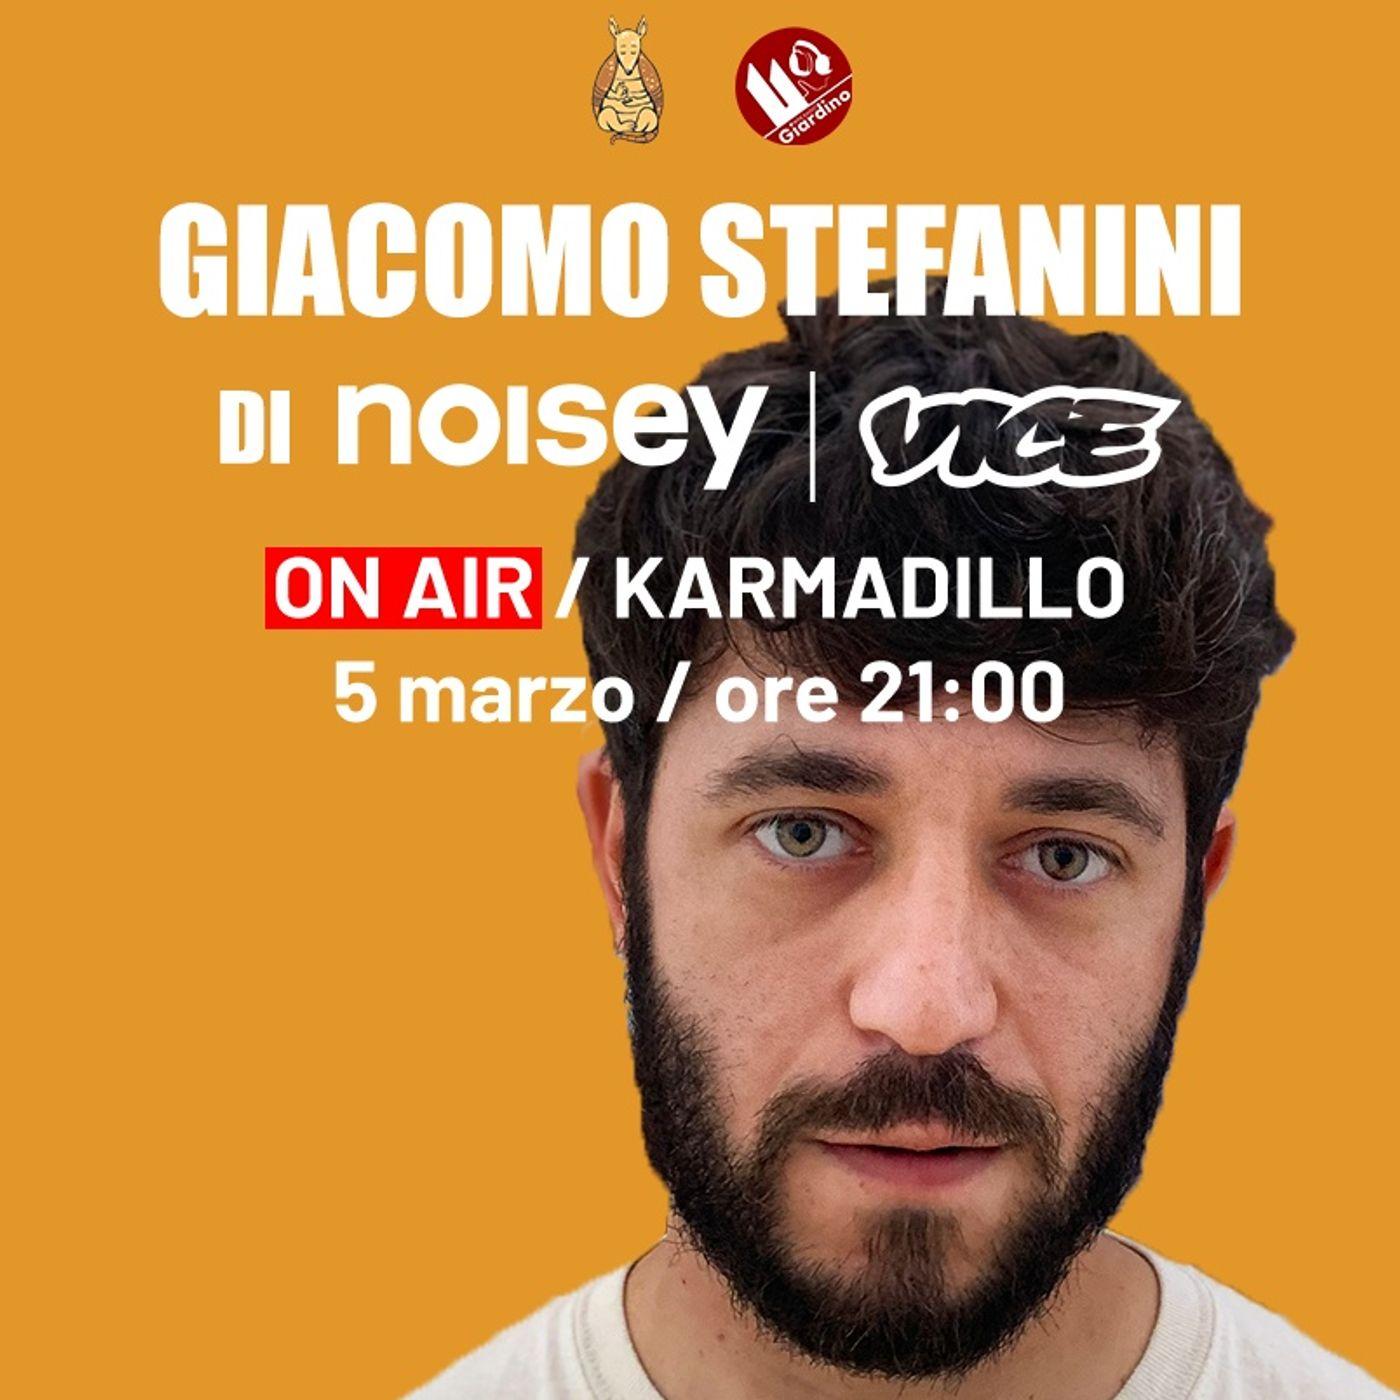 Noisey x Karmadillo: la musica mainstream e di nicchia a confronto; con noi Giacomo Stefanini, scrittore della WebZine - Karmadillo - s03e18